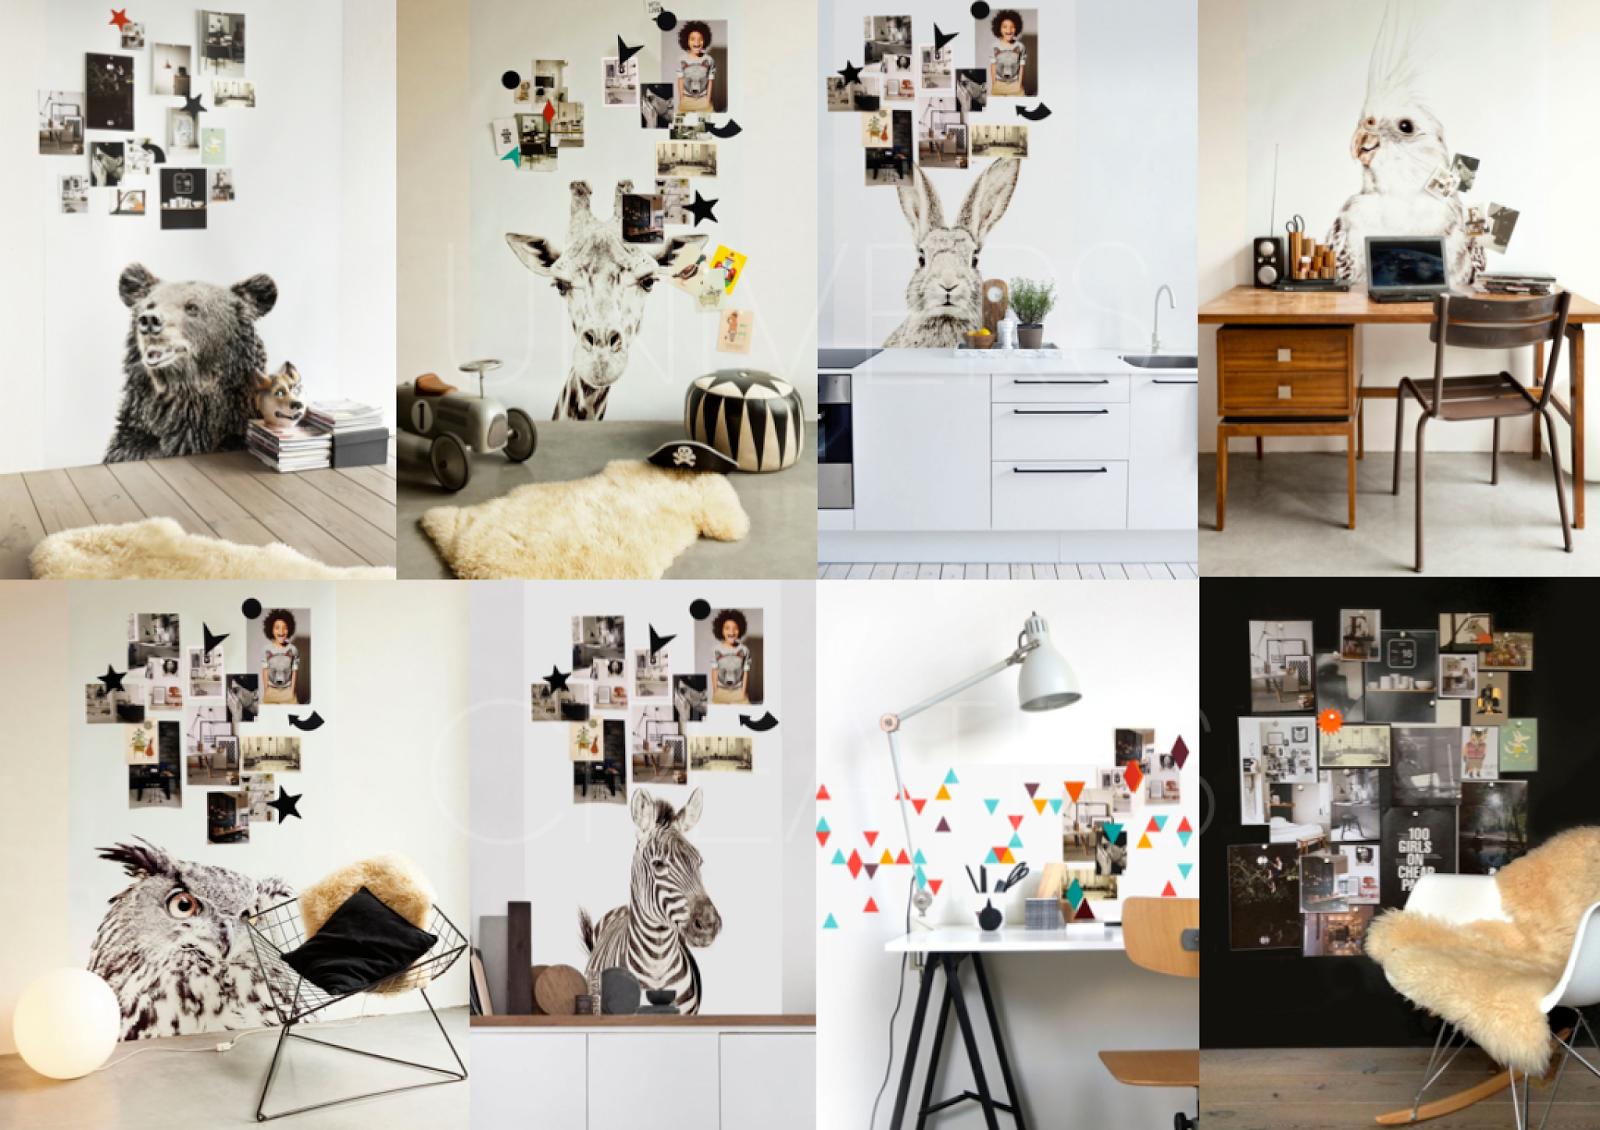 signification pictogramme papier peint noisy le grand devis maison container entreprise pwota. Black Bedroom Furniture Sets. Home Design Ideas